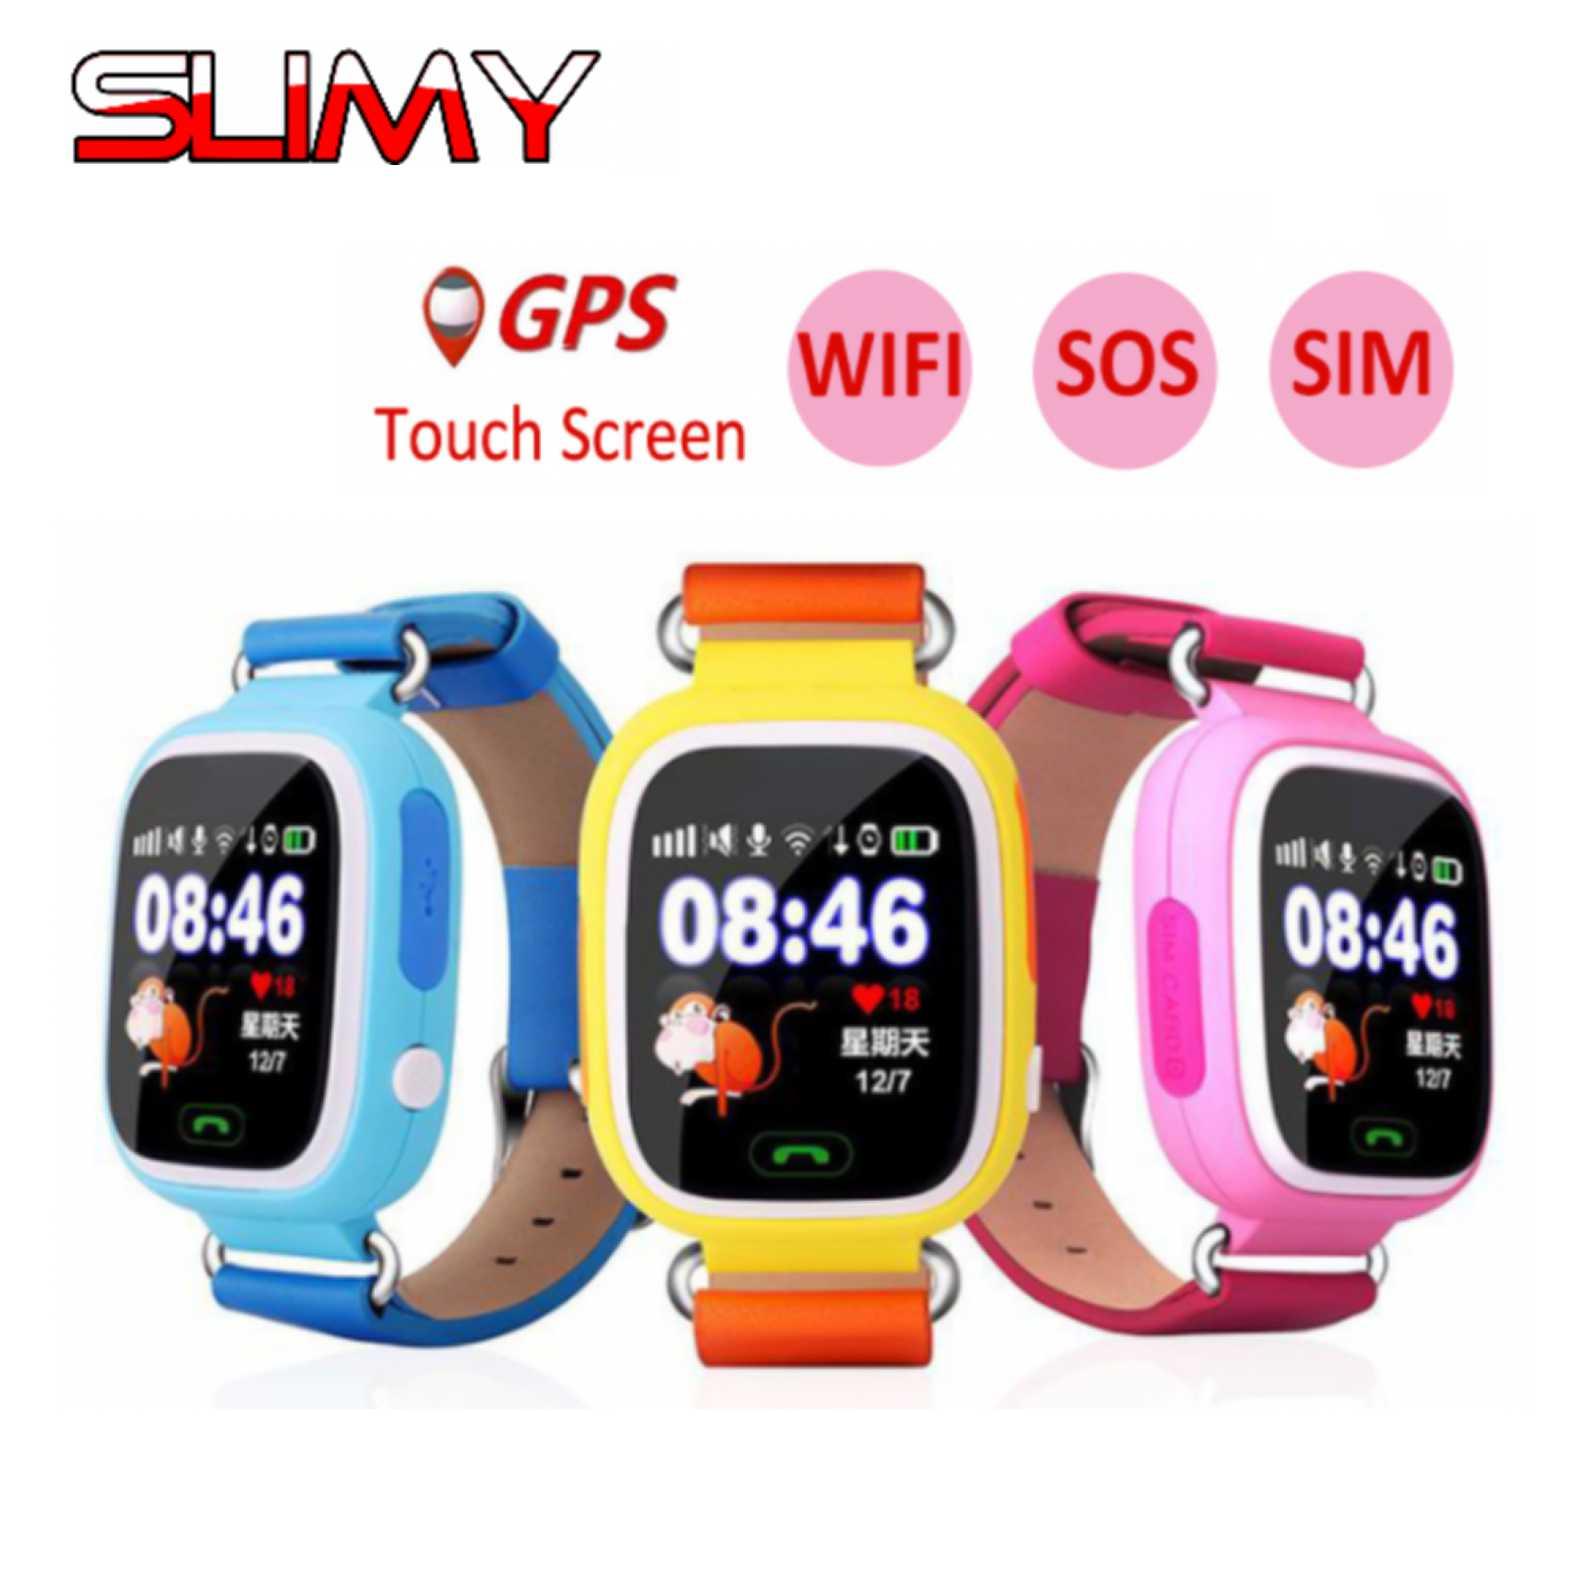 Visqueux 90 GPS Montre Intelligente Bébé Téléphone Positionnement Enfants Enfants Montre Cadeau avec 1.22 Pouce Écran Tactile WIFI SOS PK Q80 Q50 Q60 Q90